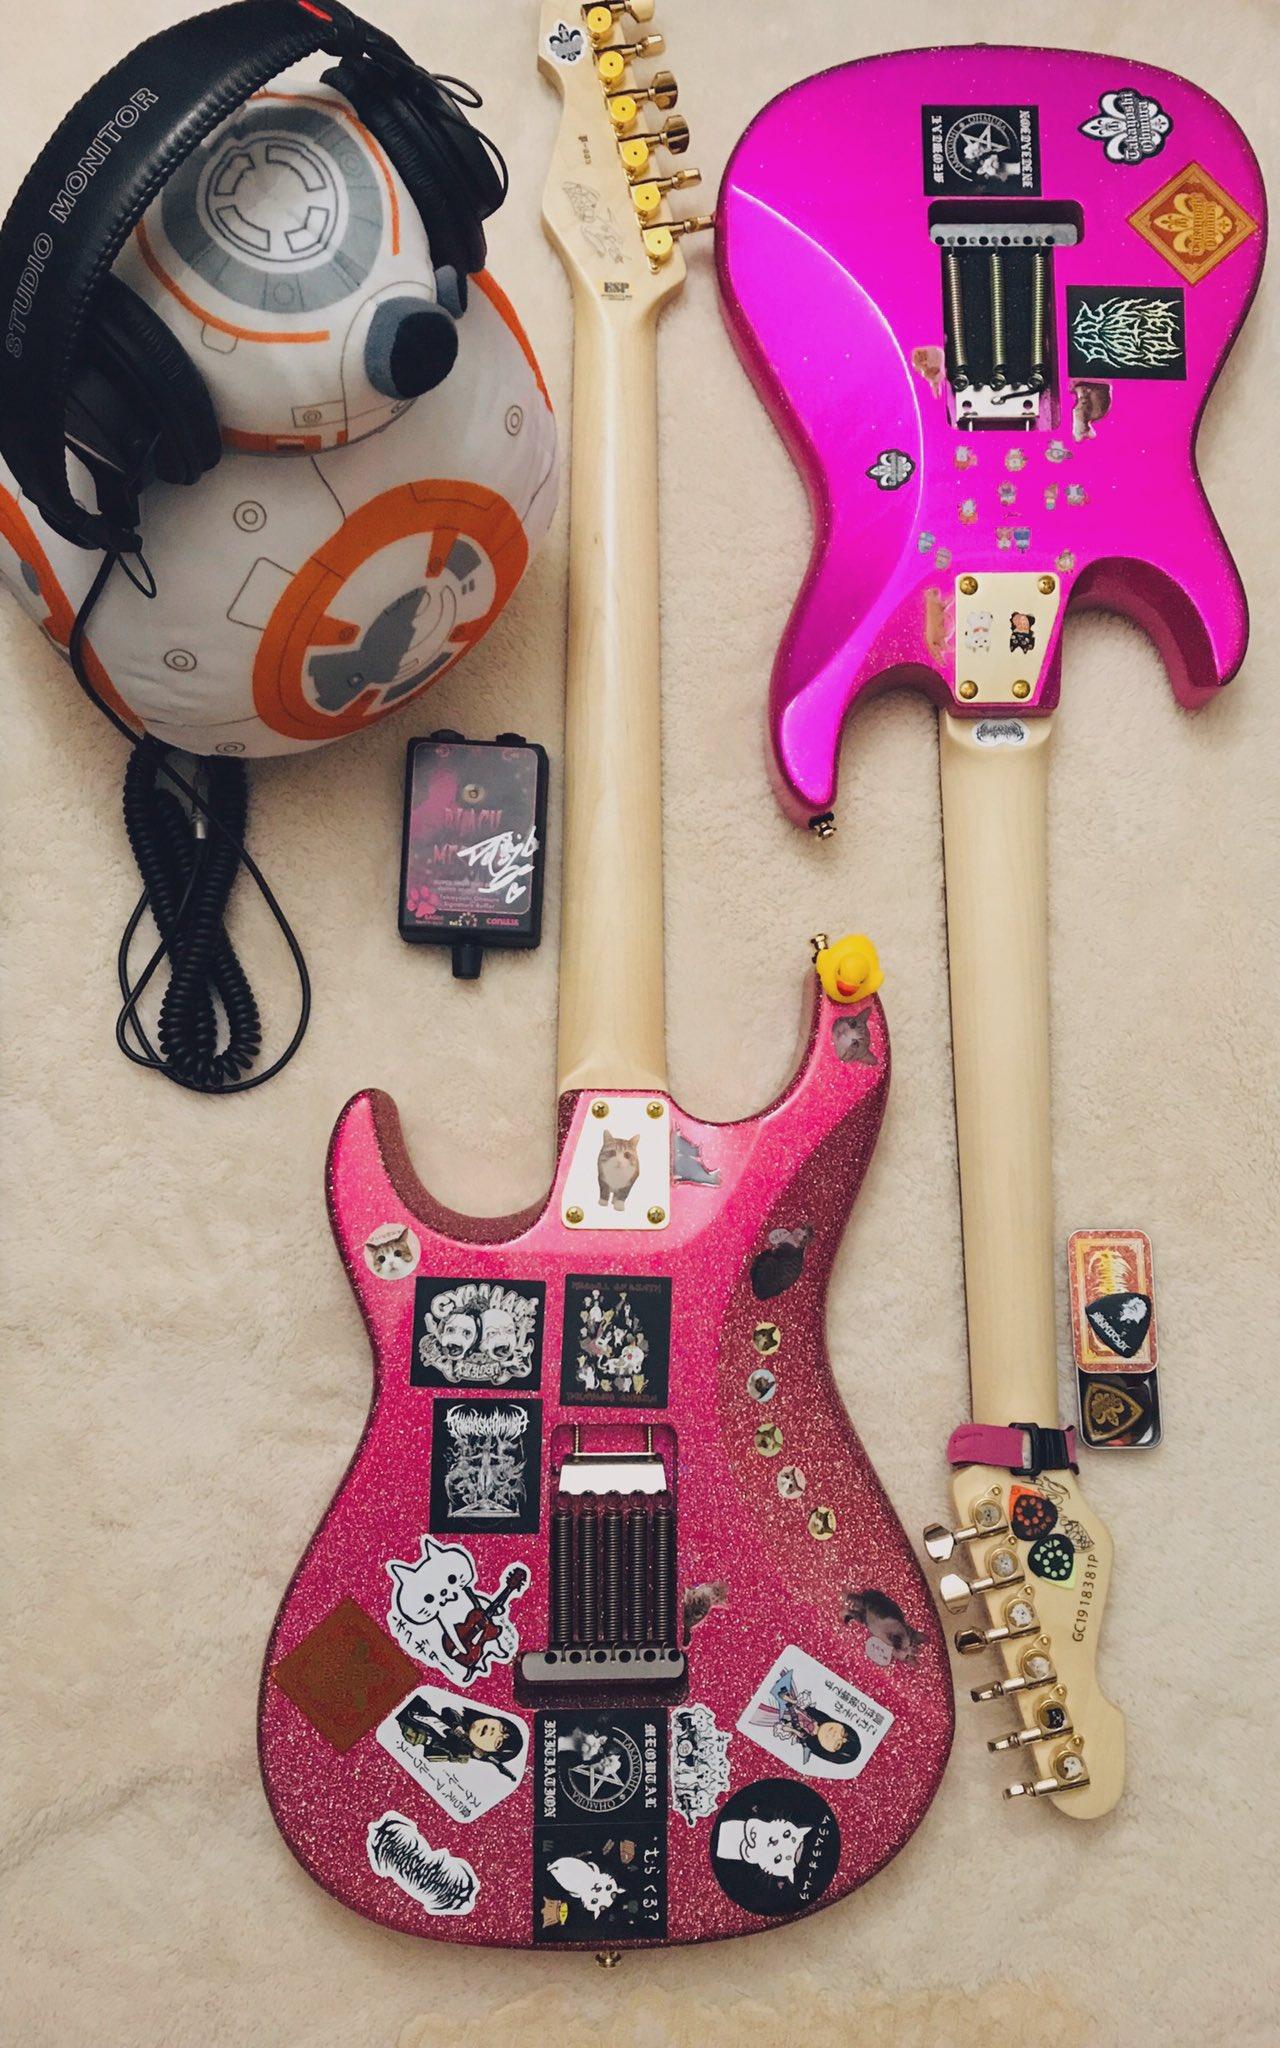 My gears/dears